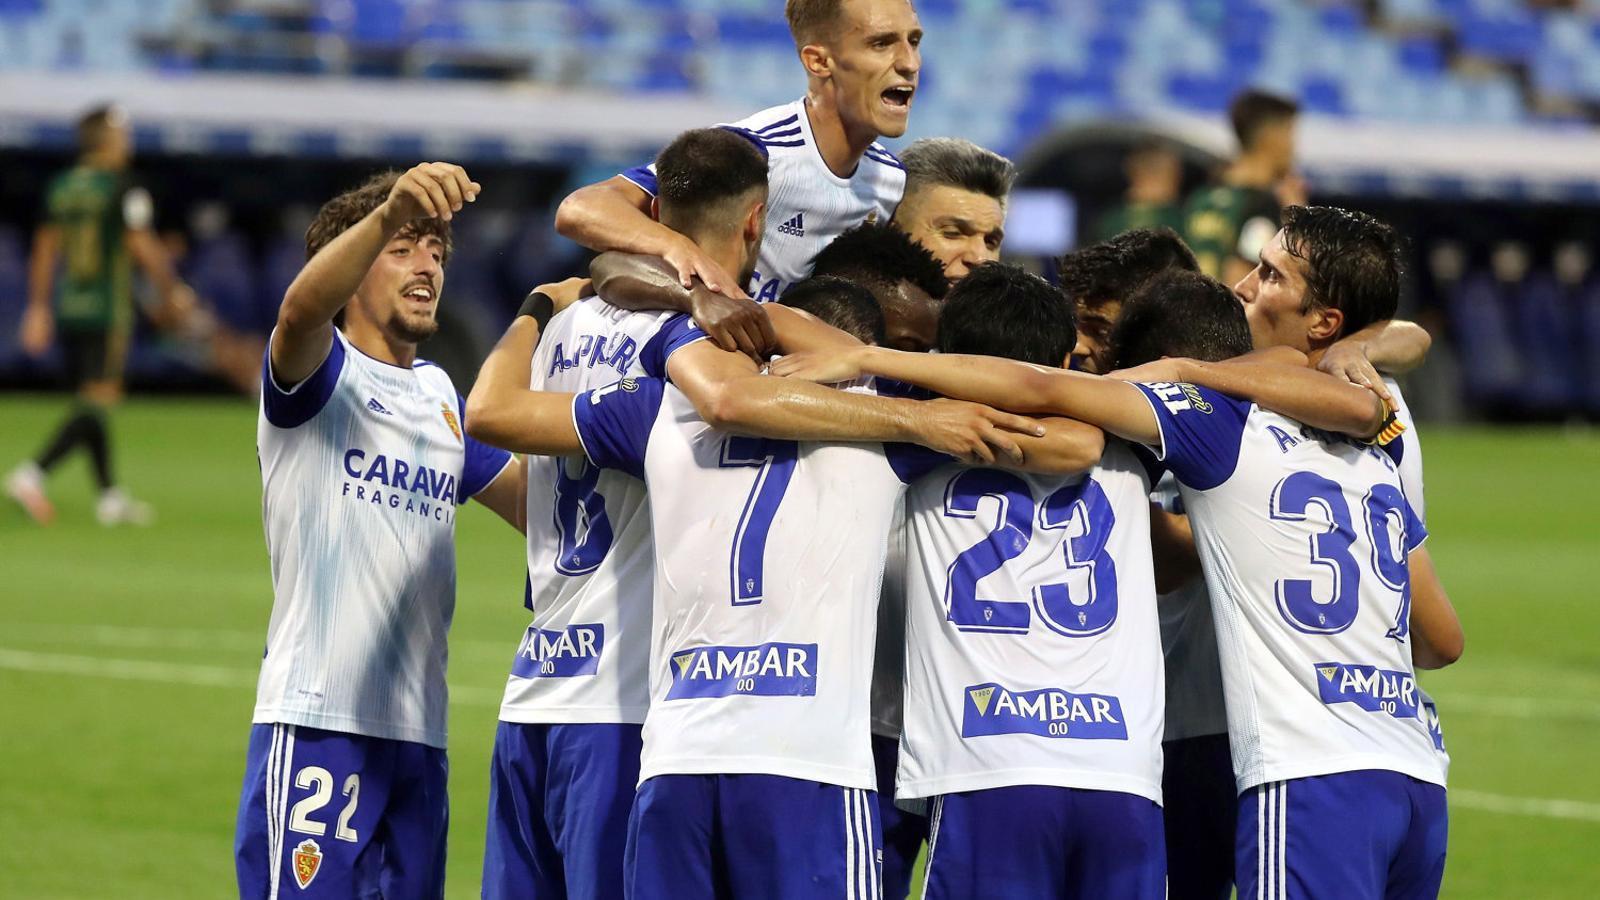 El Saragossa, tercer classificat de Segona, va anunciar un positiu a la seva plantilla.